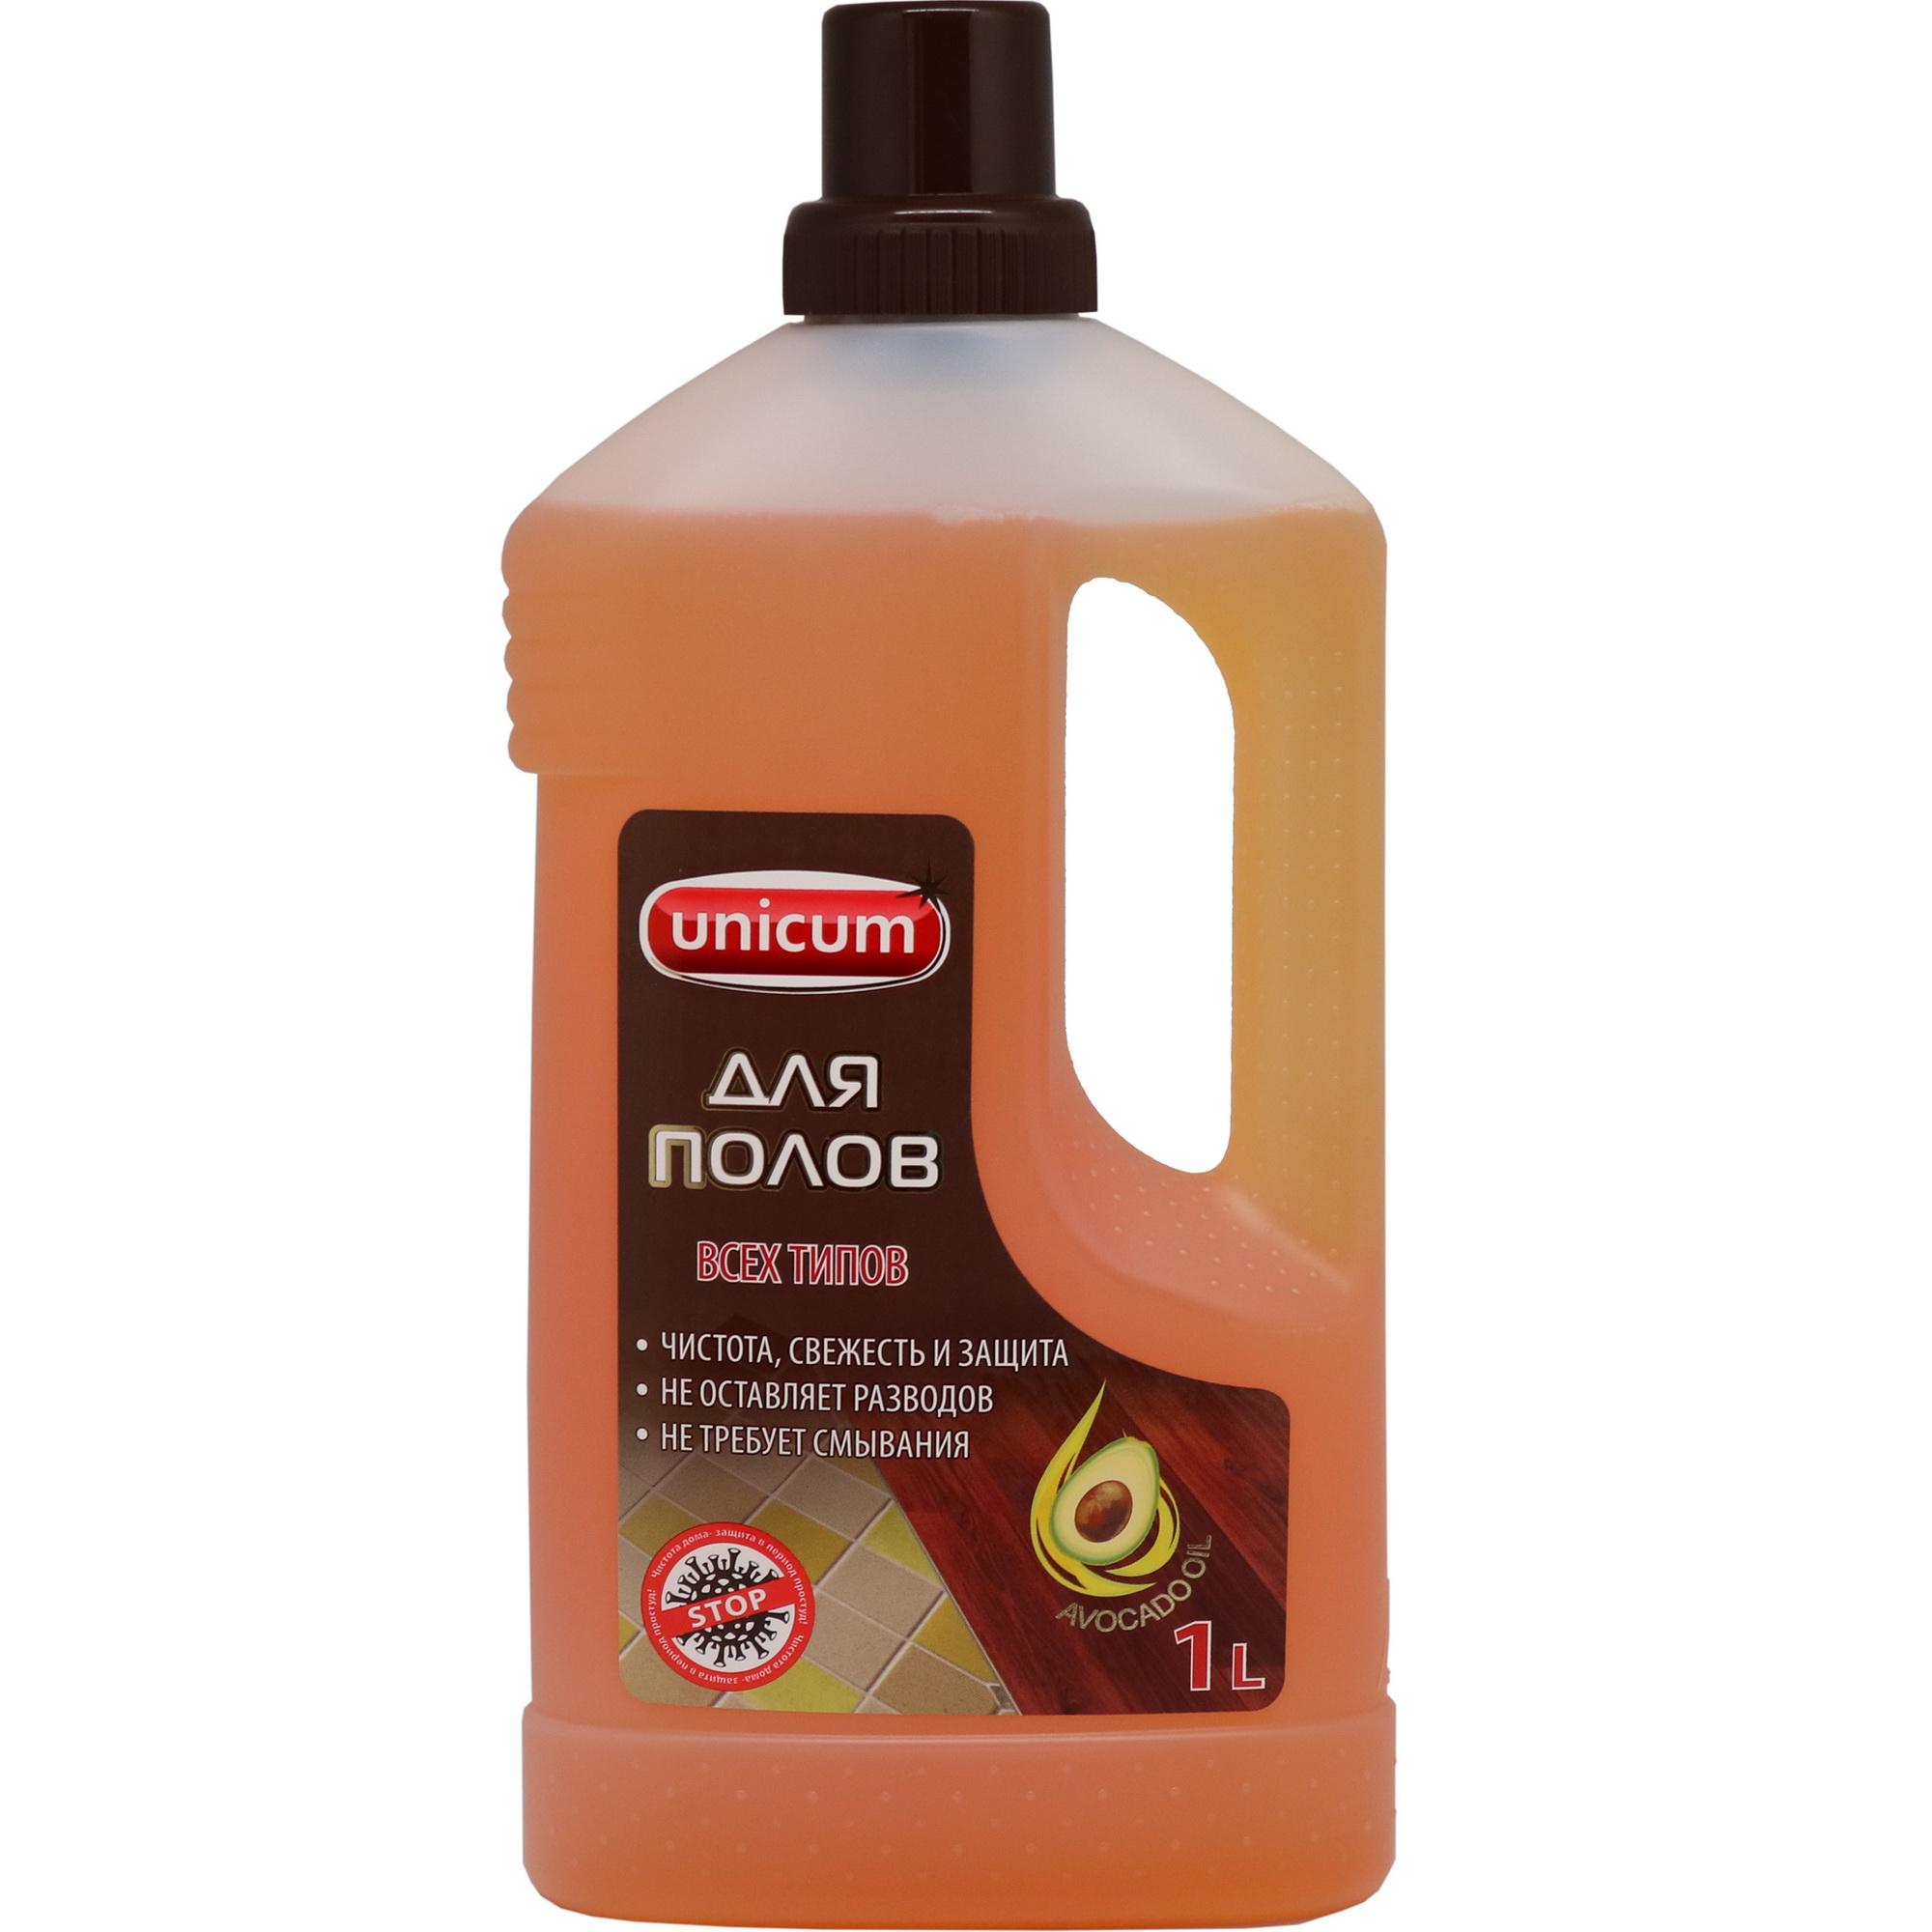 Купить Чистящее средство Unicum для мытья полов СПА 1 л, моющее средство, Россия